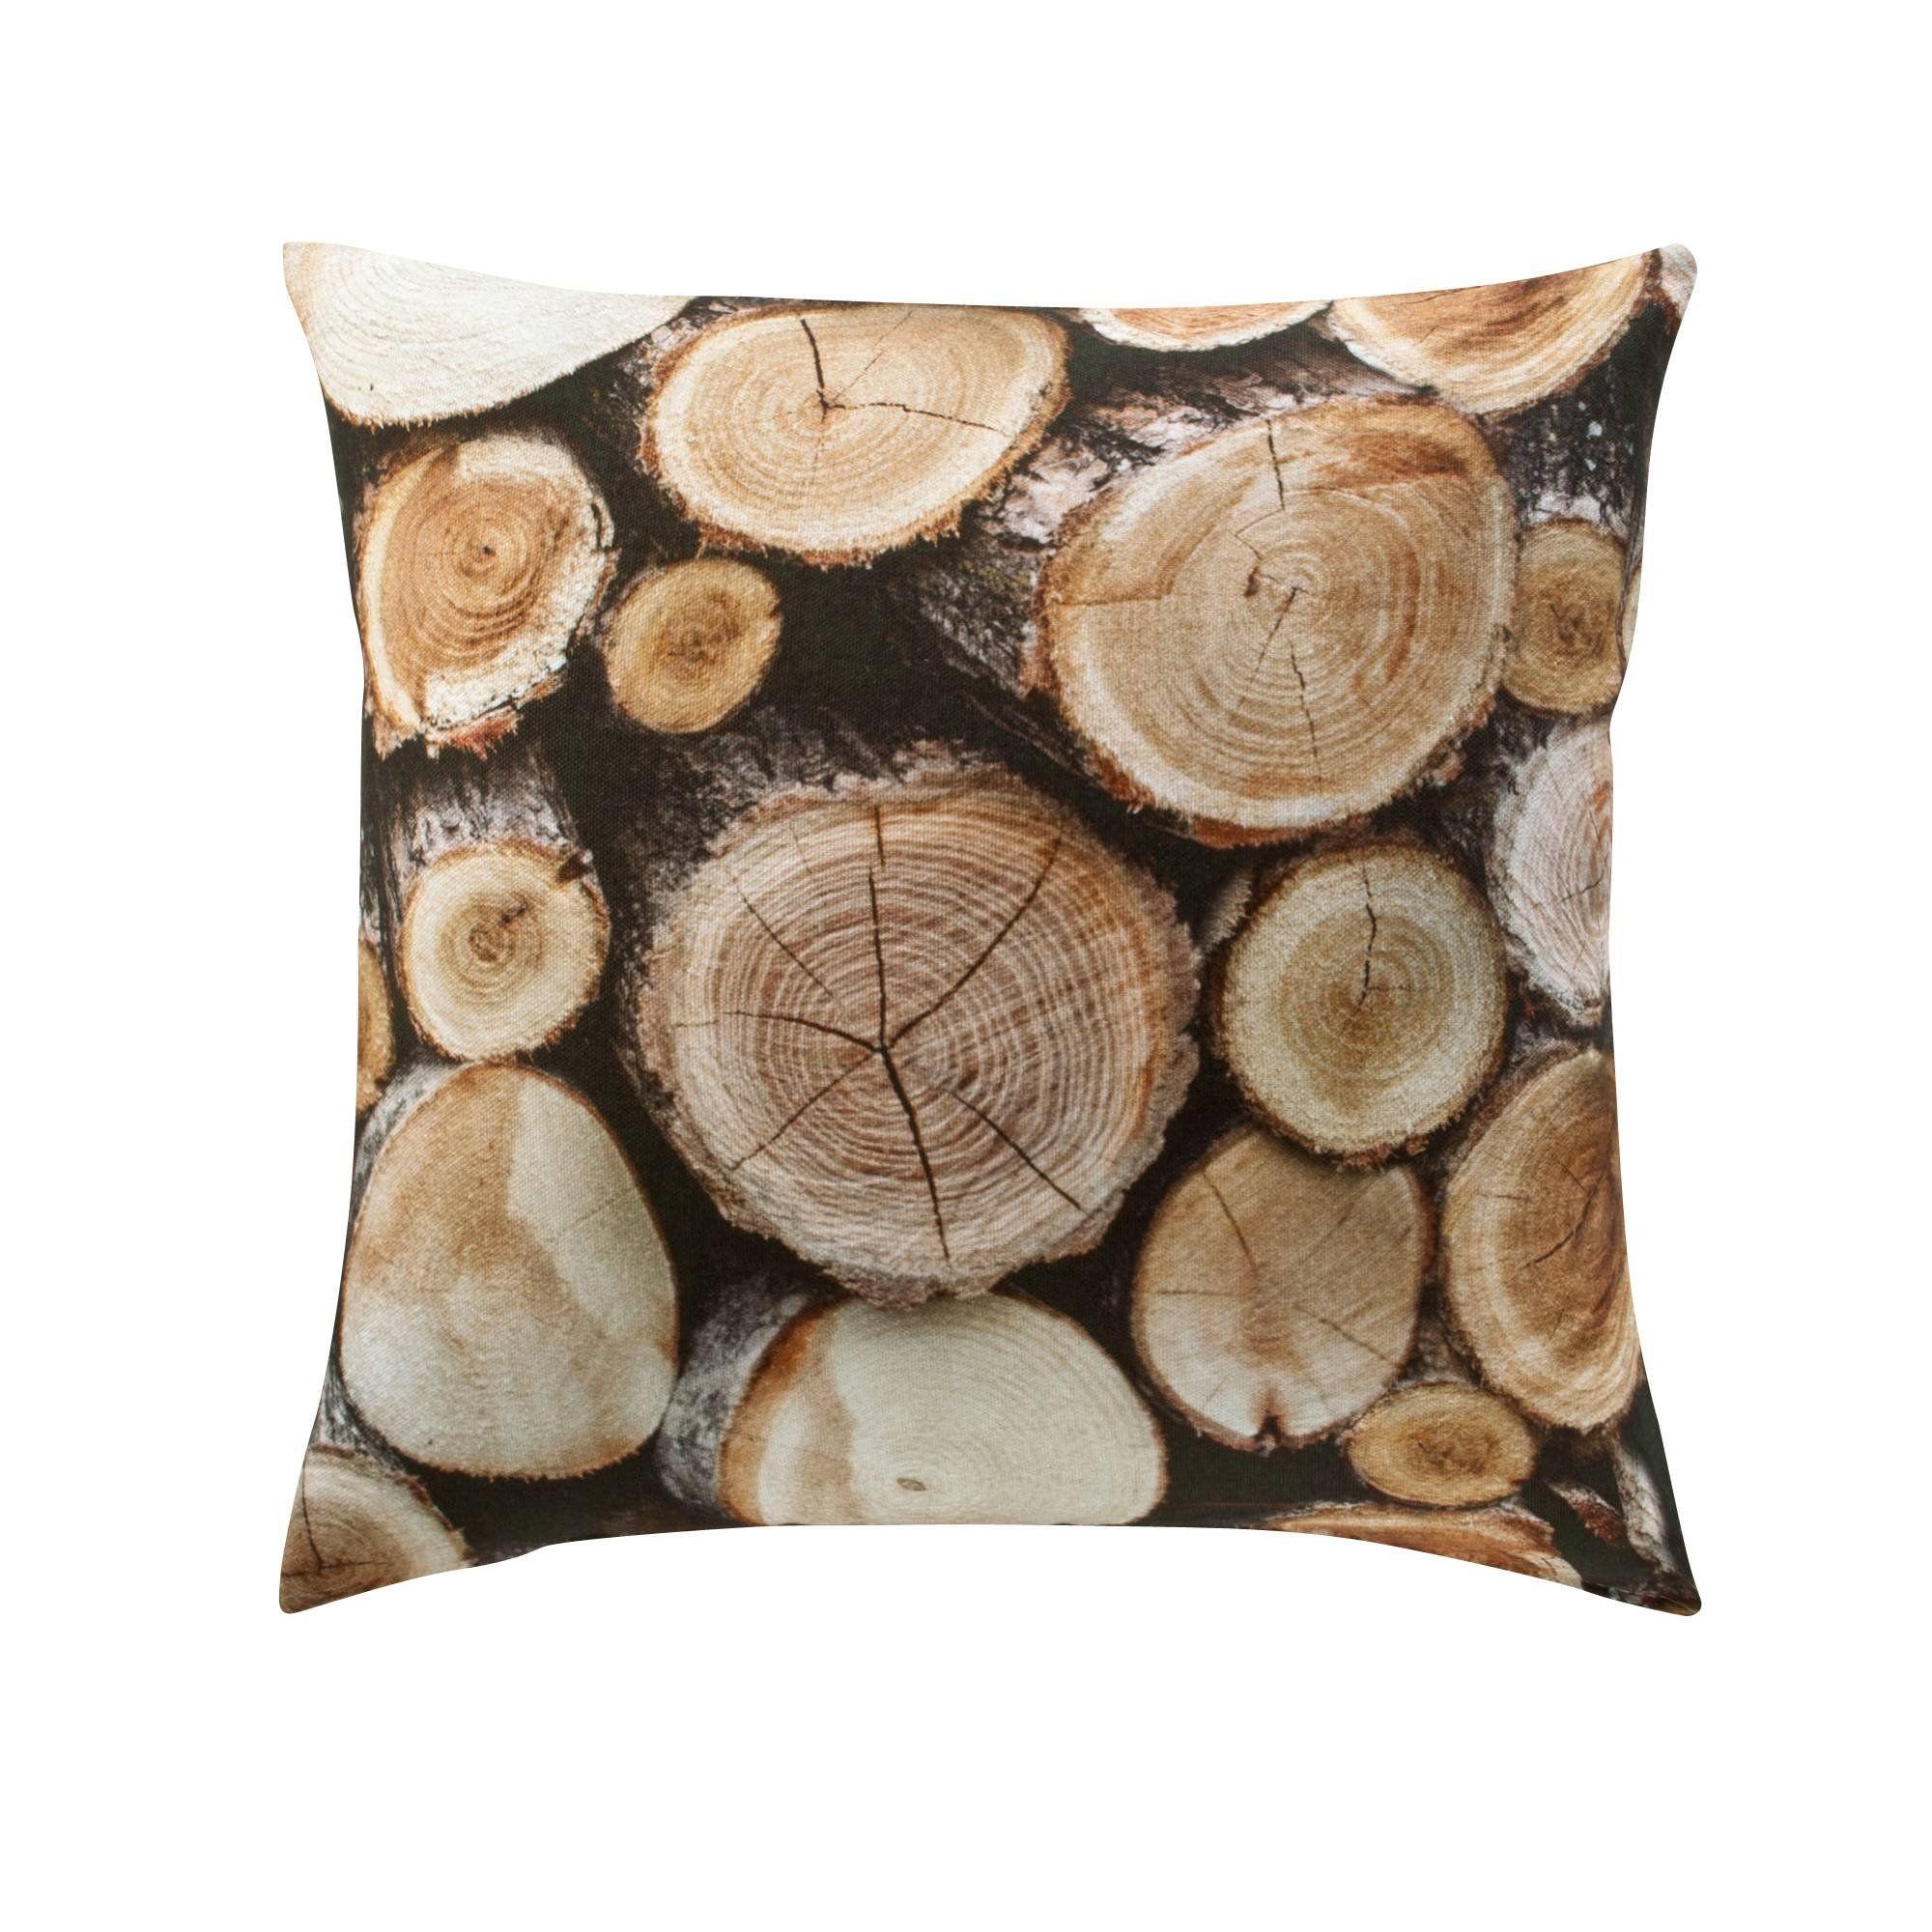 Housse de coussin coton imprimé Rondins bois. Pour une ambiance